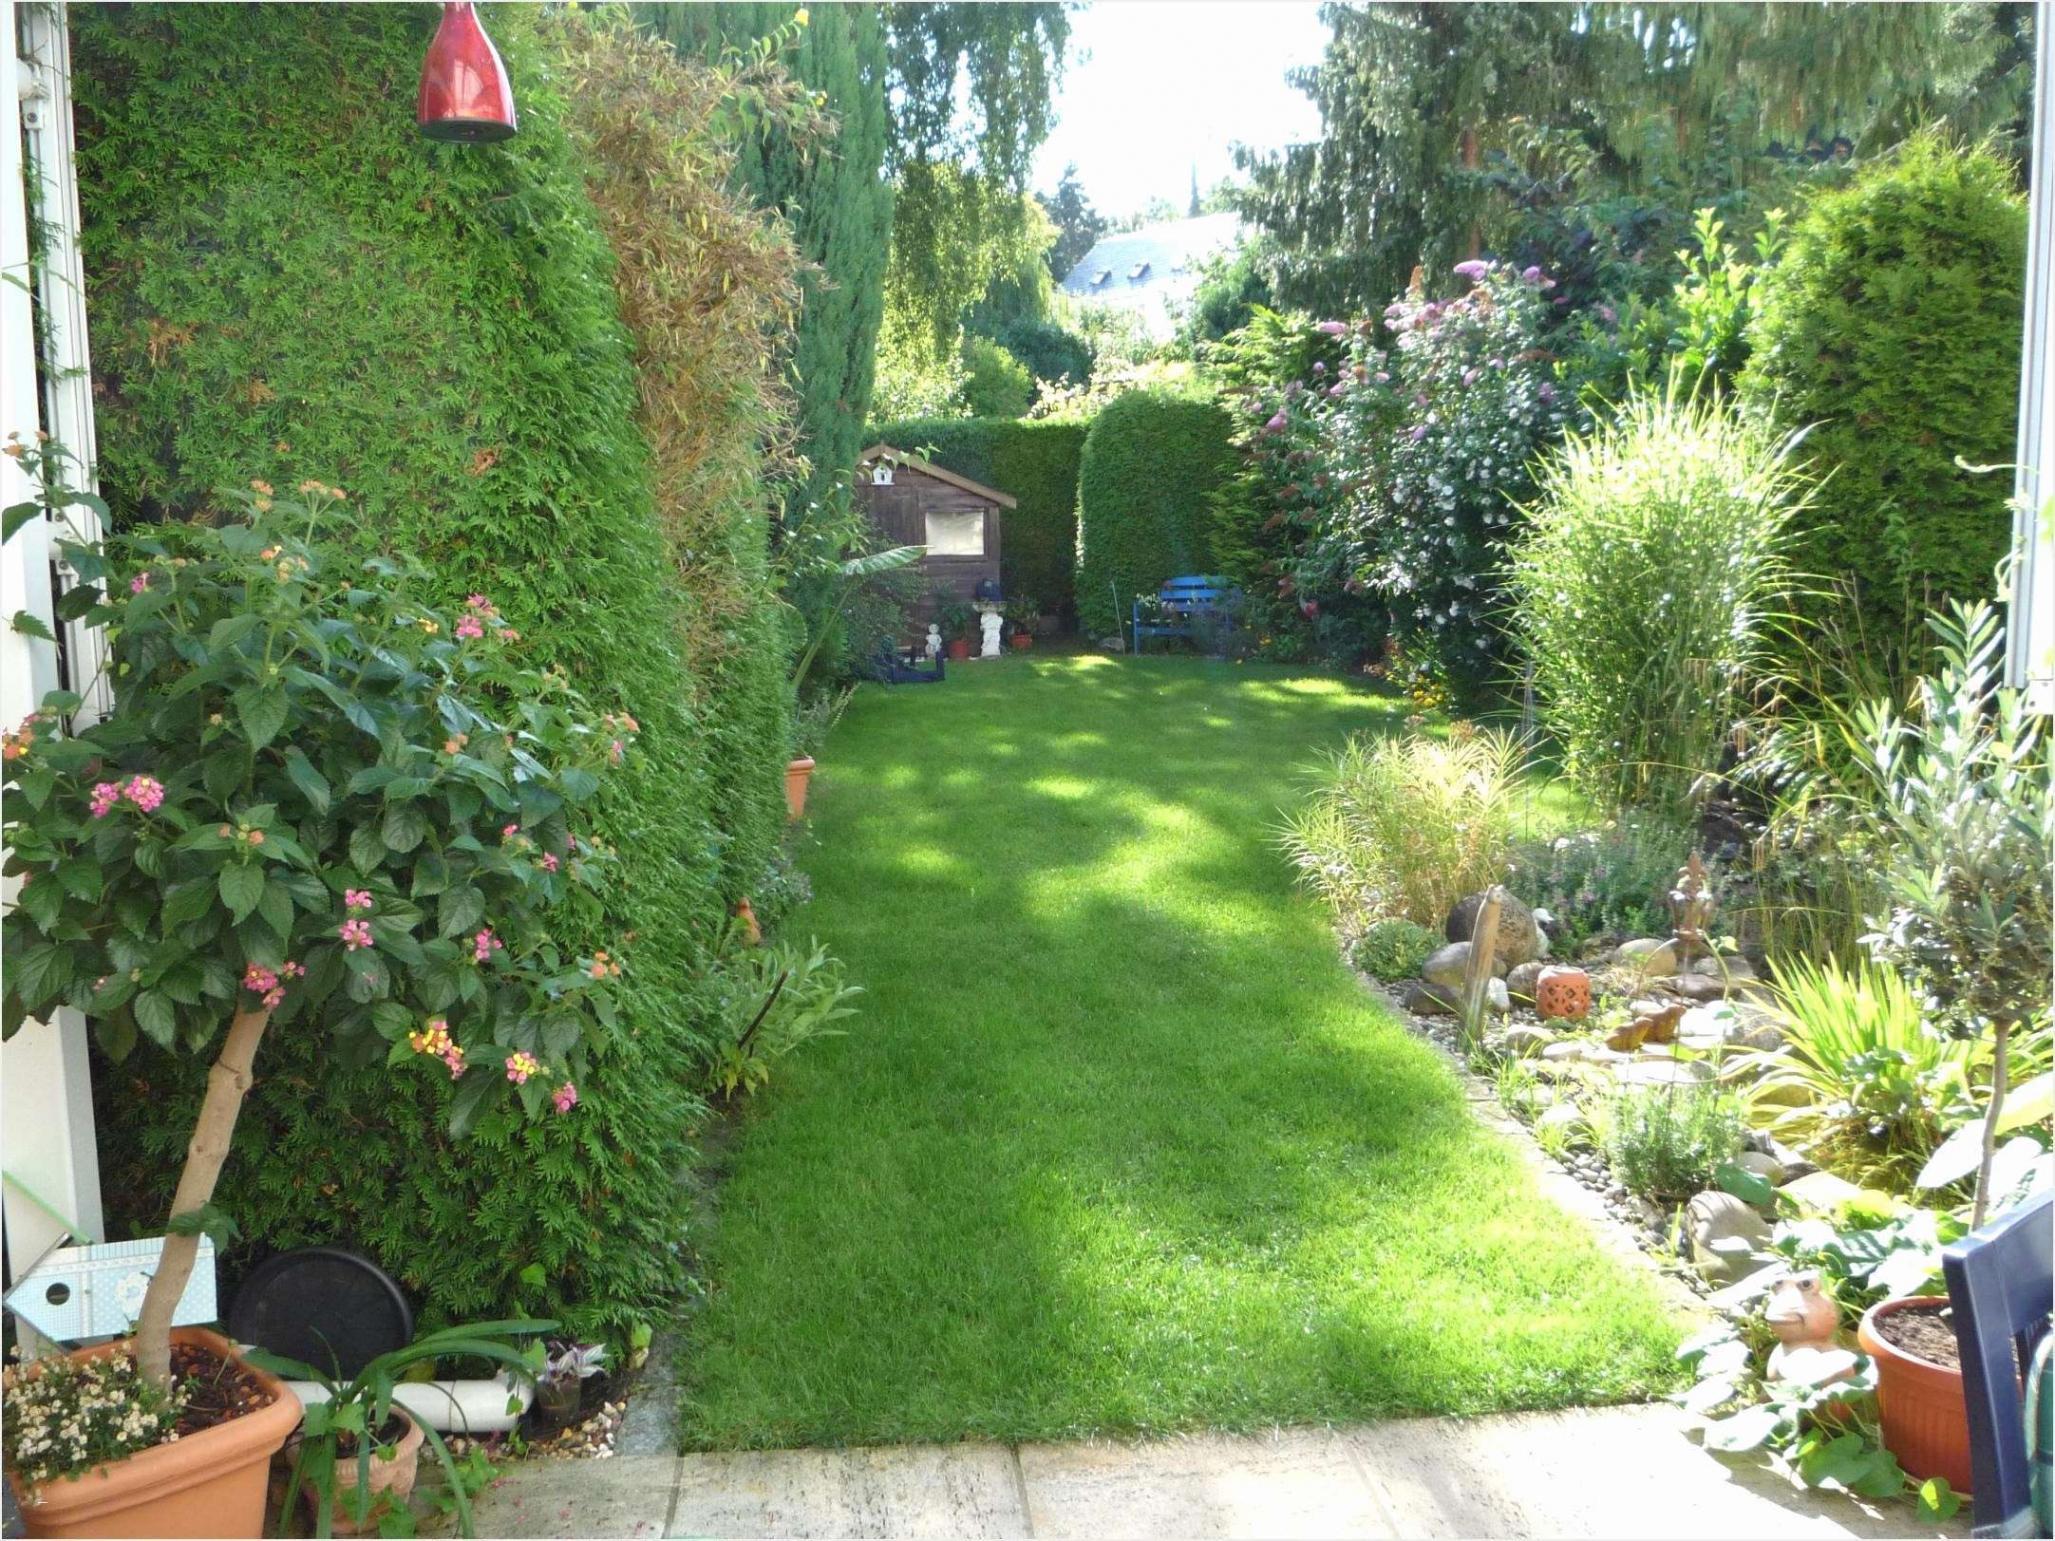 Deko Ideen Mit Steinen Im Garten Genial Gartengestaltung Ideen Mit Steinen — Temobardz Home Blog